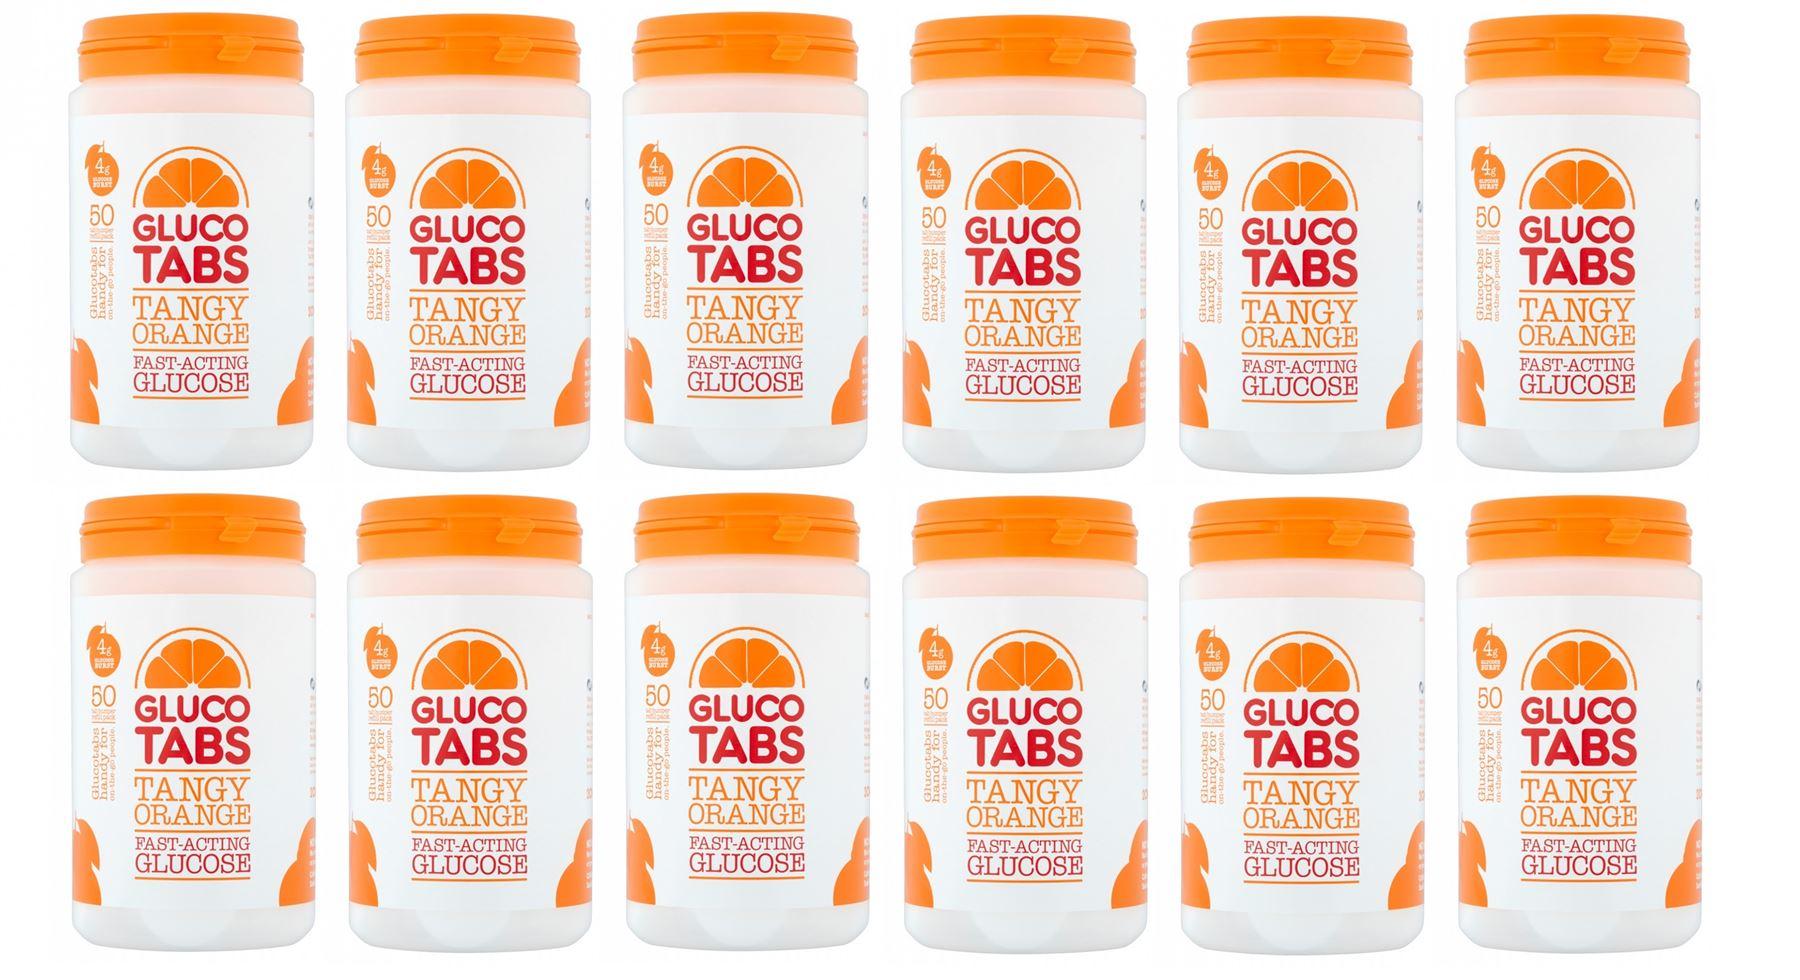 Glucotabs-50-Tablets-Orange-Fast-Acting-Glucose-1-2-3-6-Packs